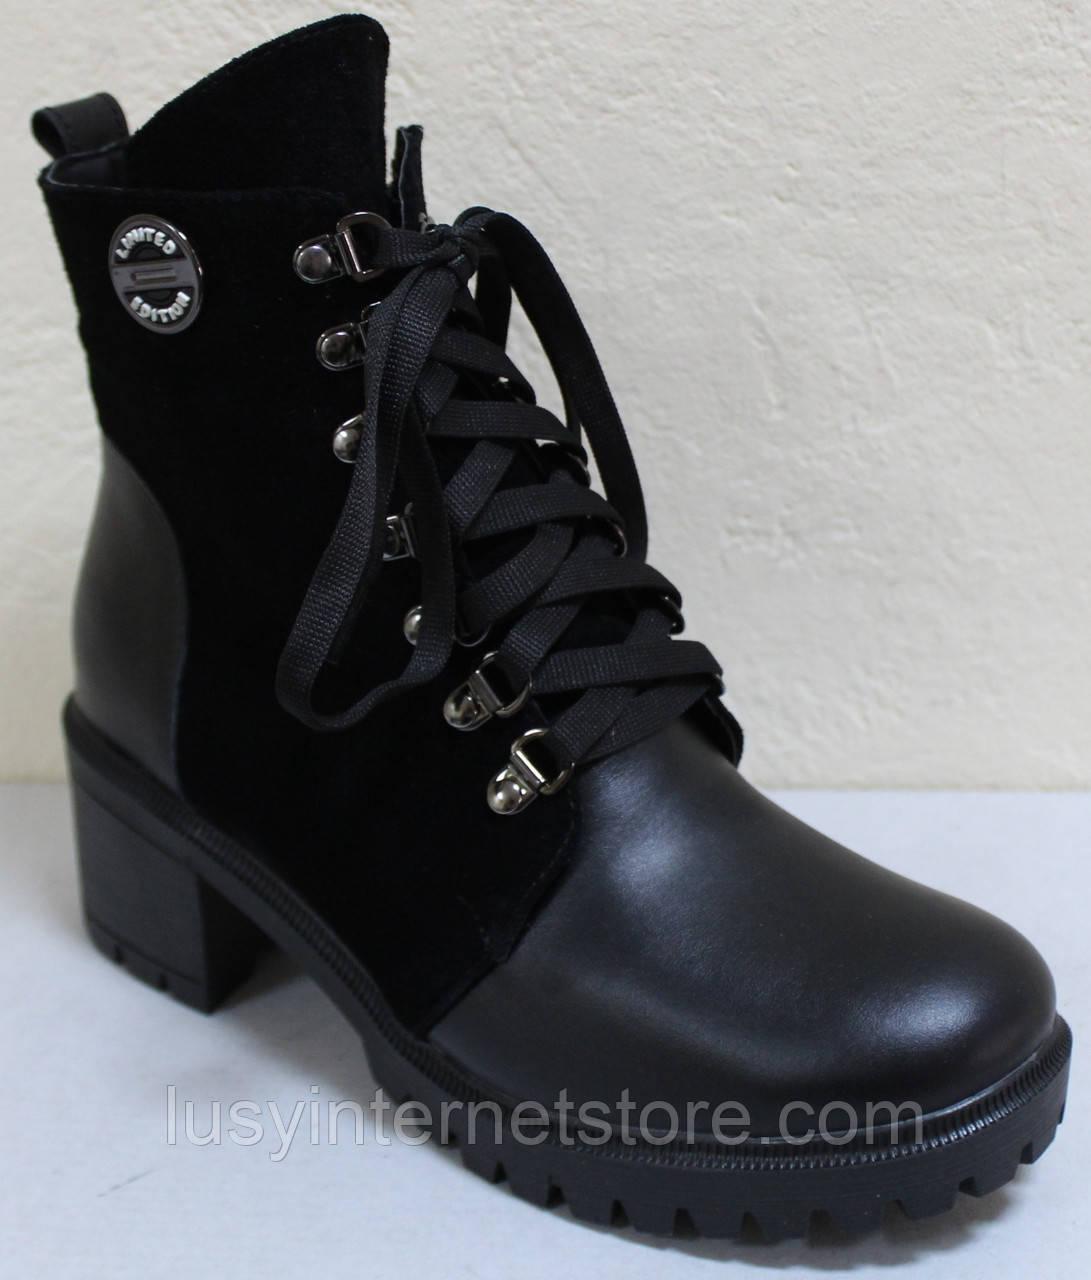 Ботинки женские зима от производителя модель БД304